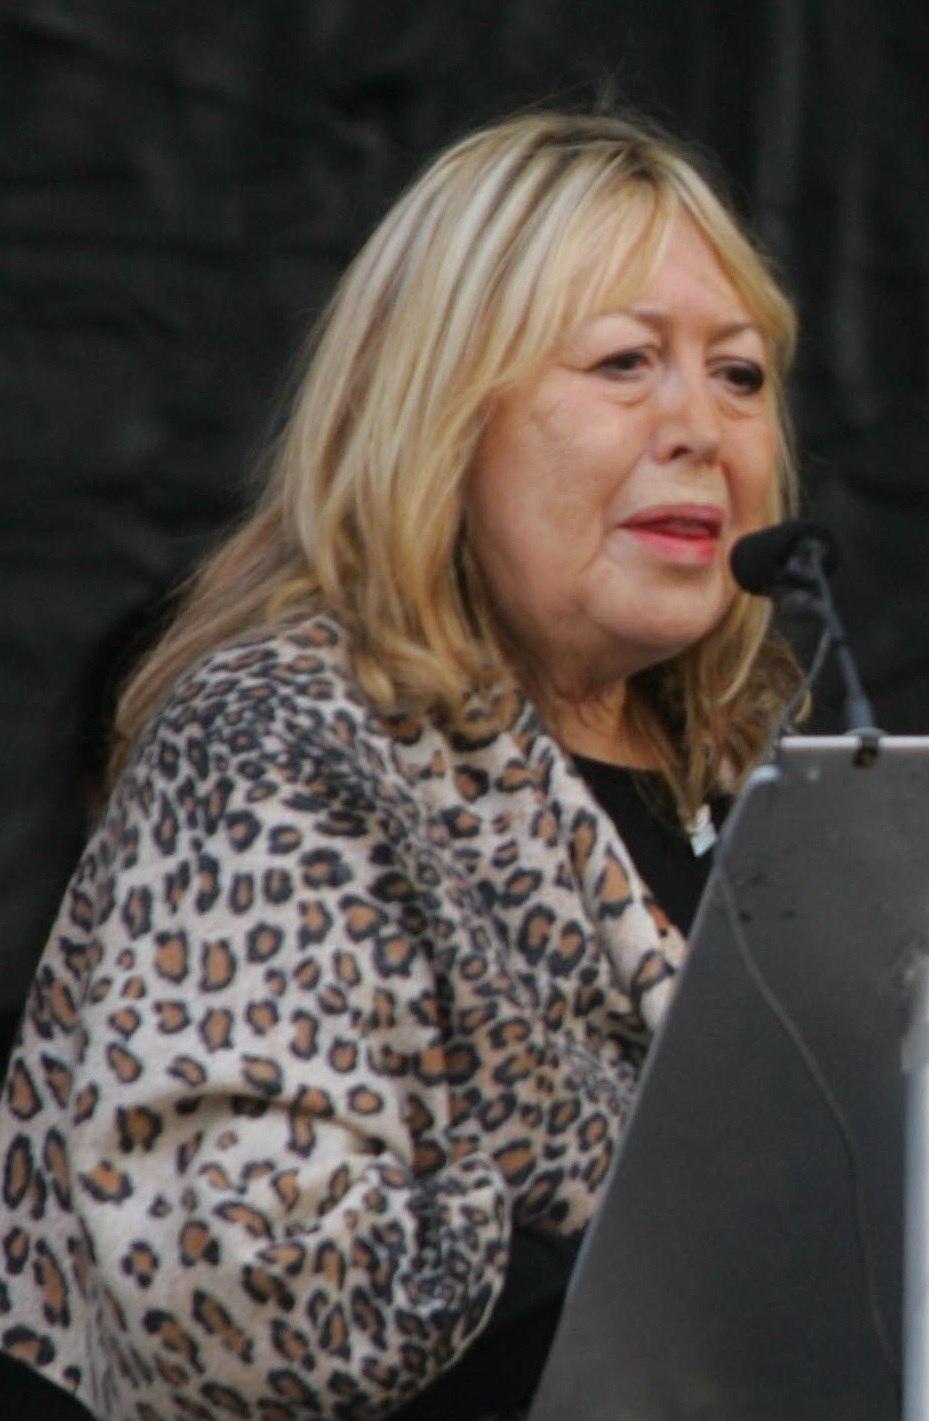 Cynthia Lennon 2010